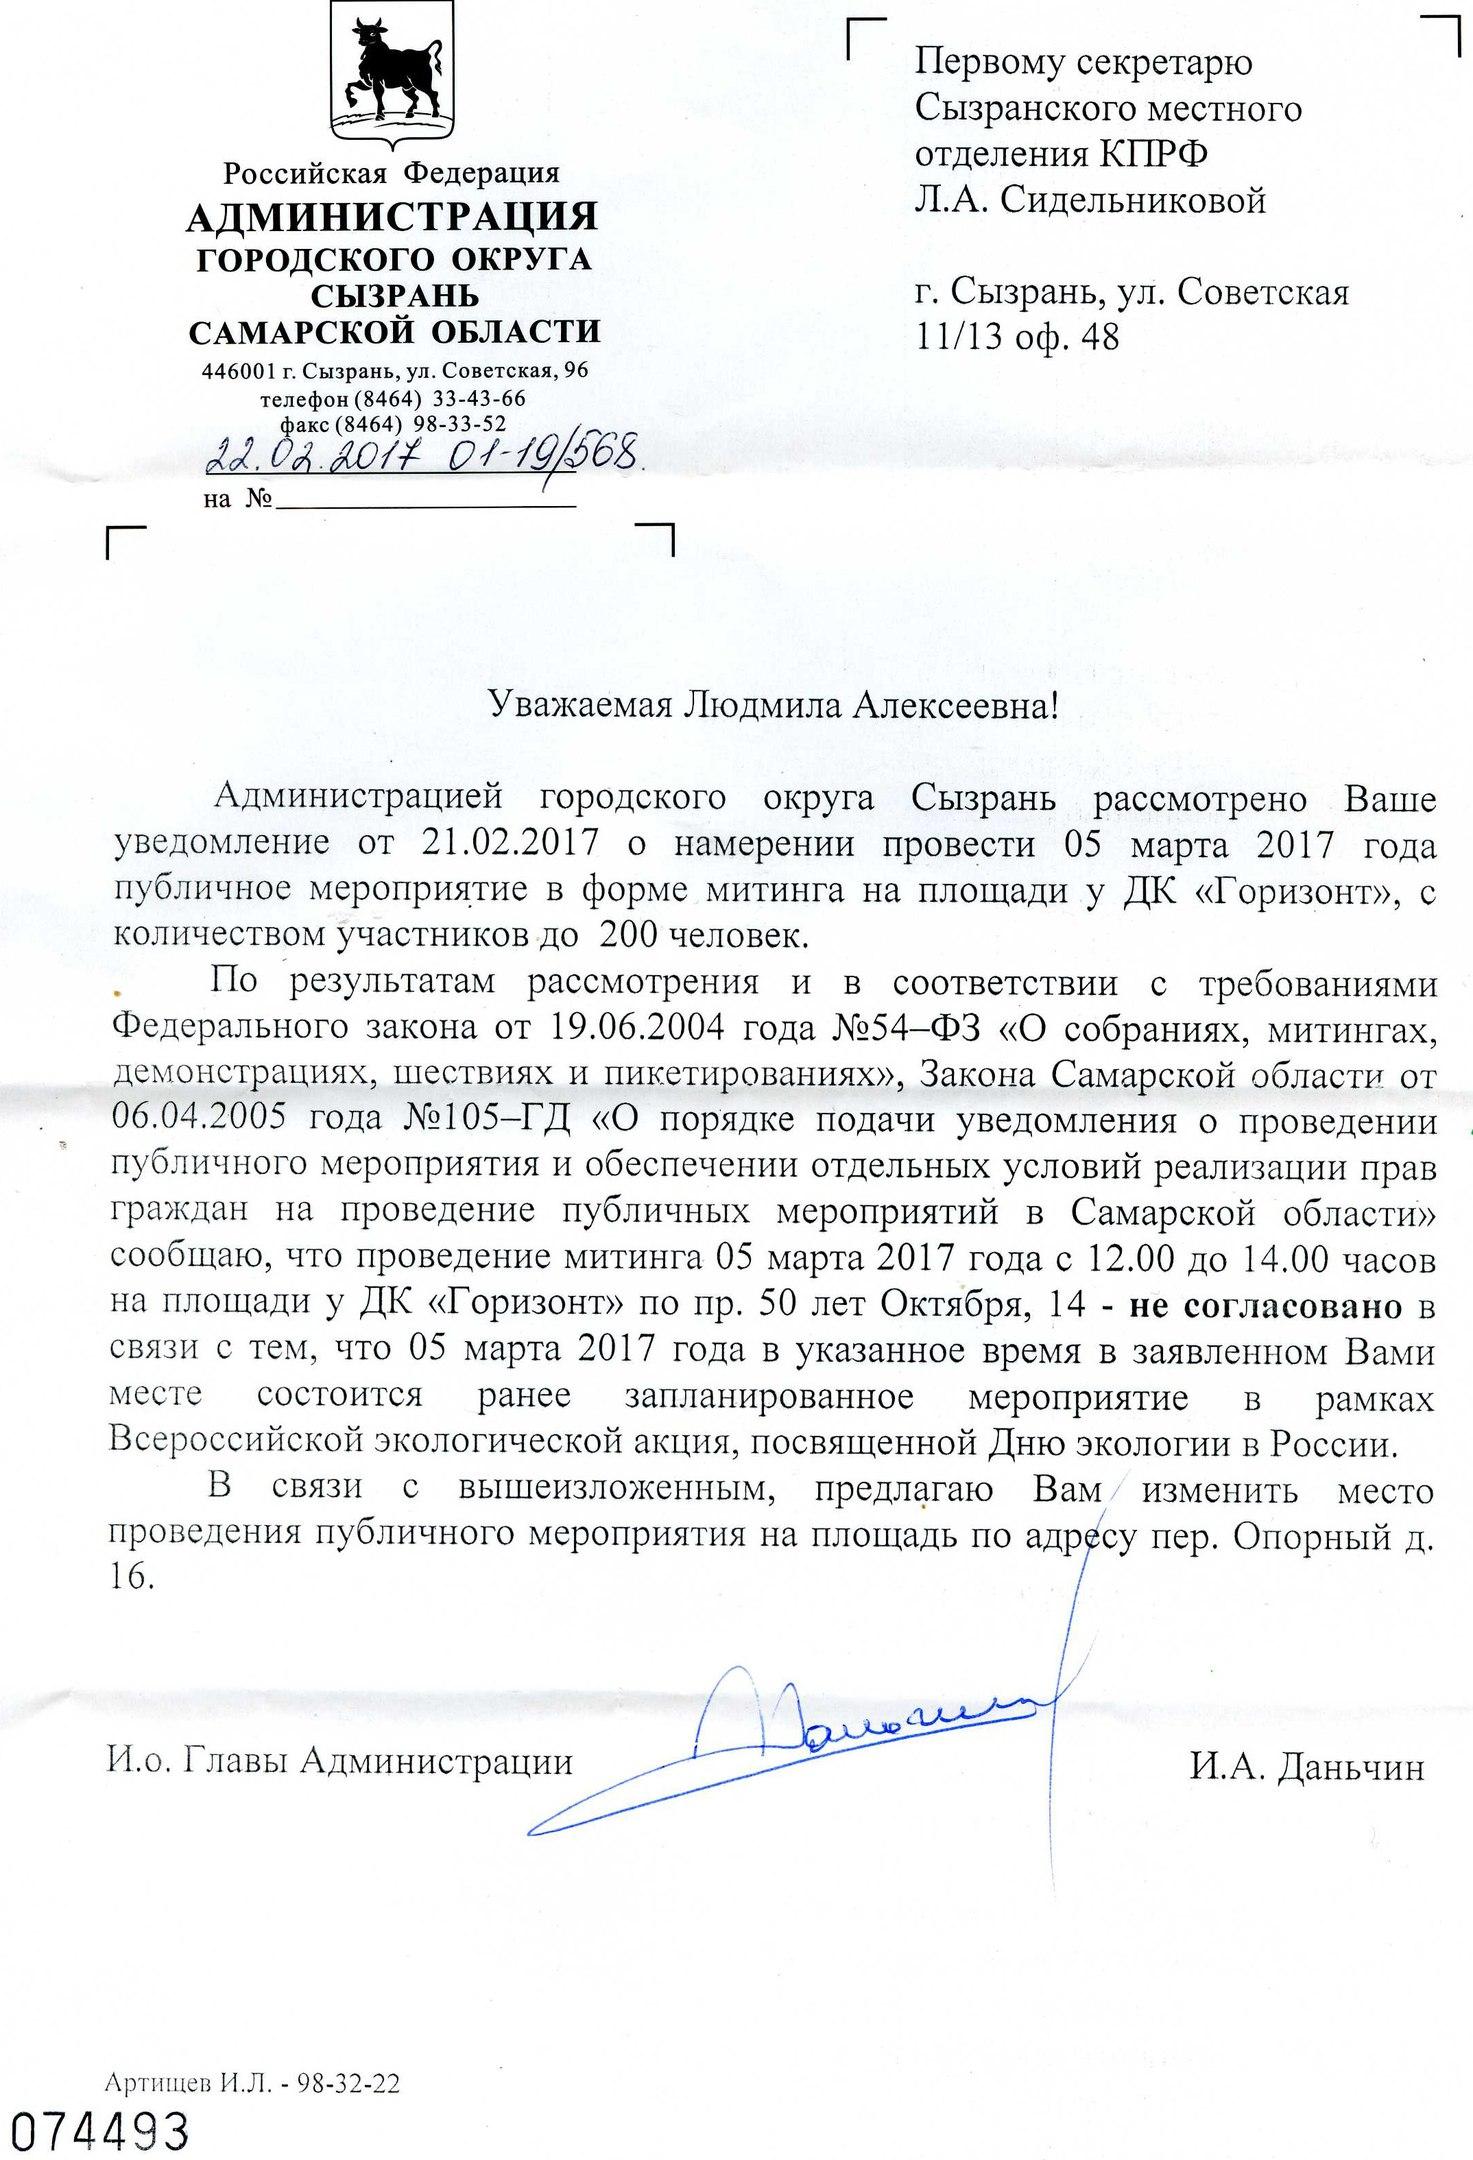 Отказ на проведение митинга в Сызрани